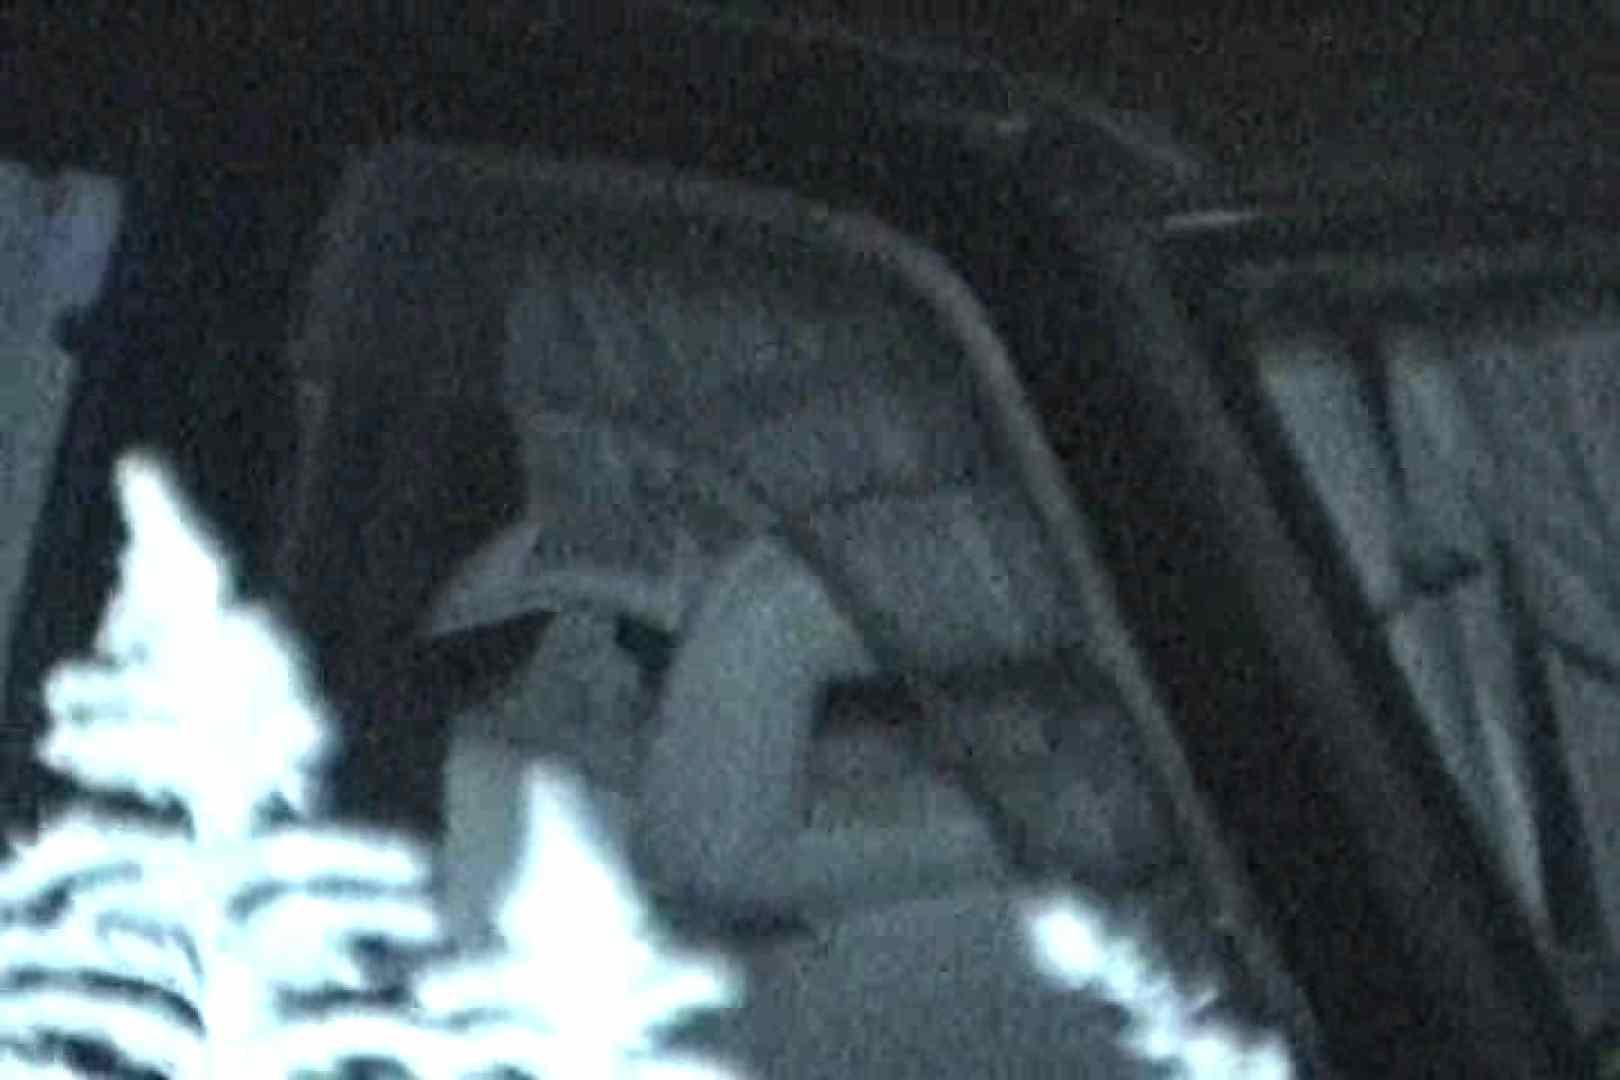 充血監督の深夜の運動会Vol.9 エロティックなOL | カップル盗撮  63画像 22